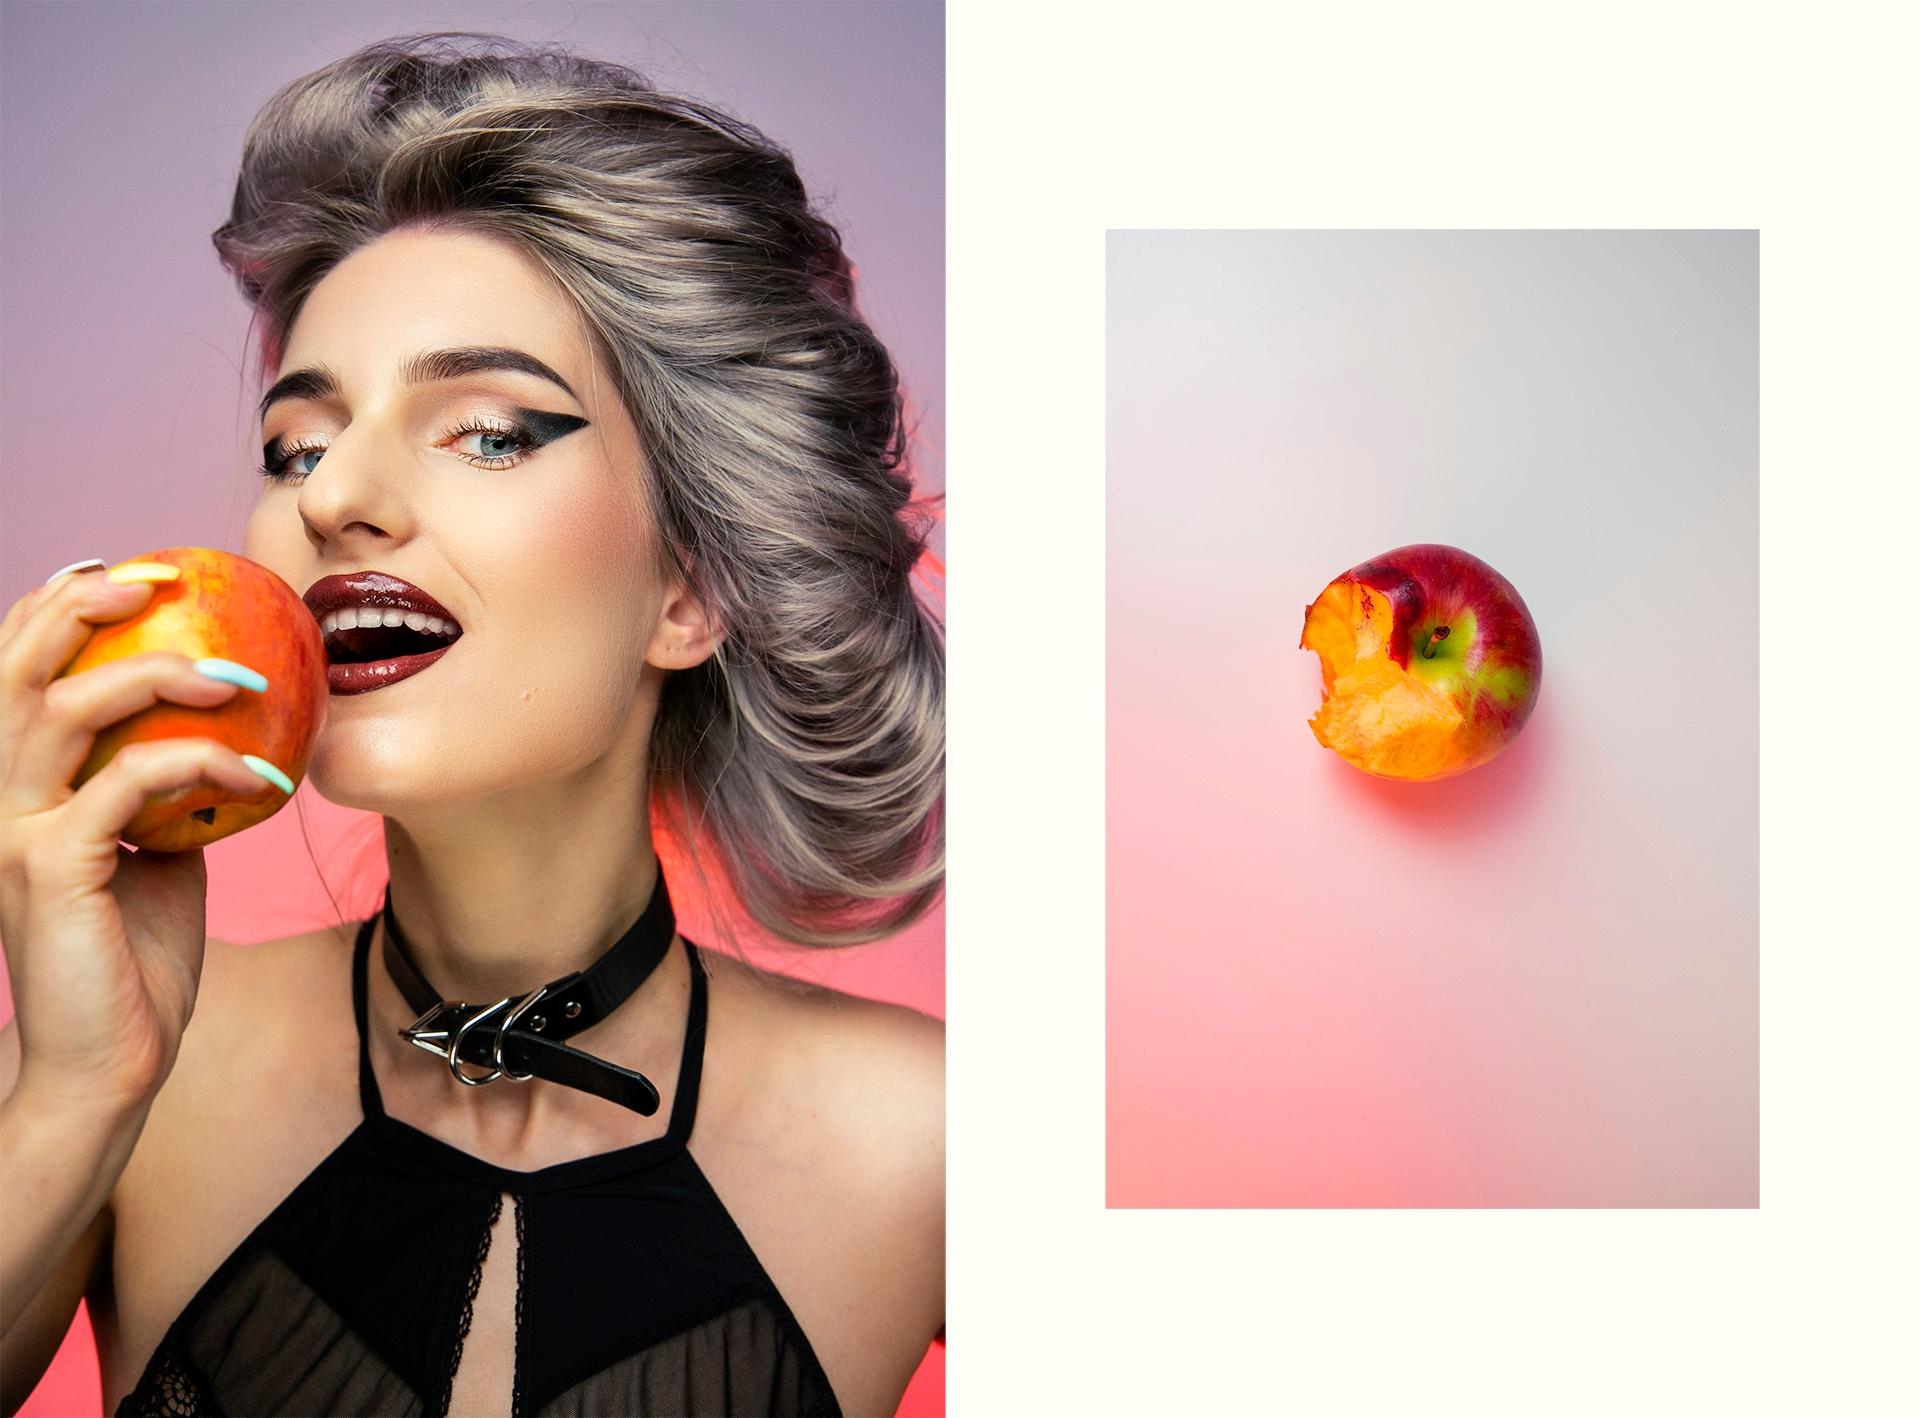 Obraz przedstawia dwa zdjęcia - zdjęcie kobiety jedzącej owoc, oraz zdjęcie ugryzionego jabłka.